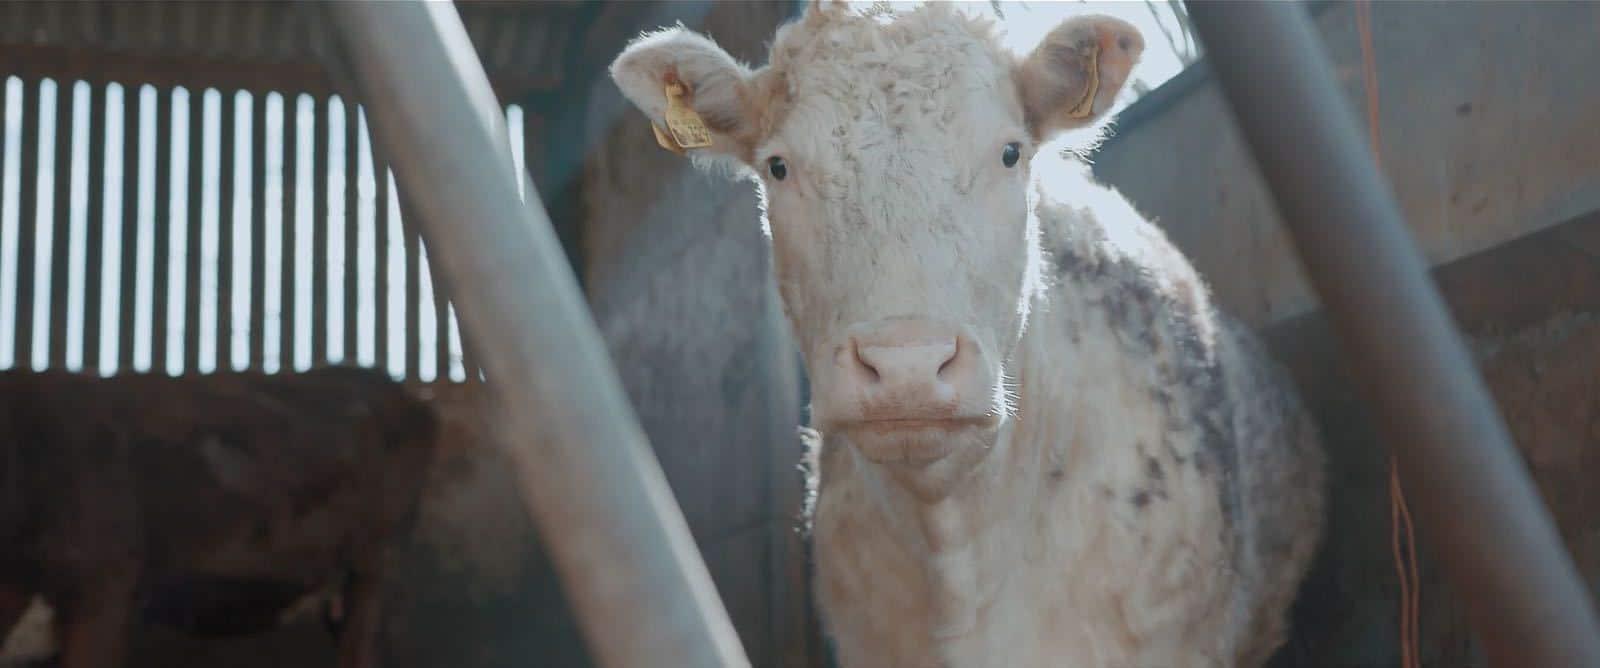 73 Cows: BAFTA Winning Short Film